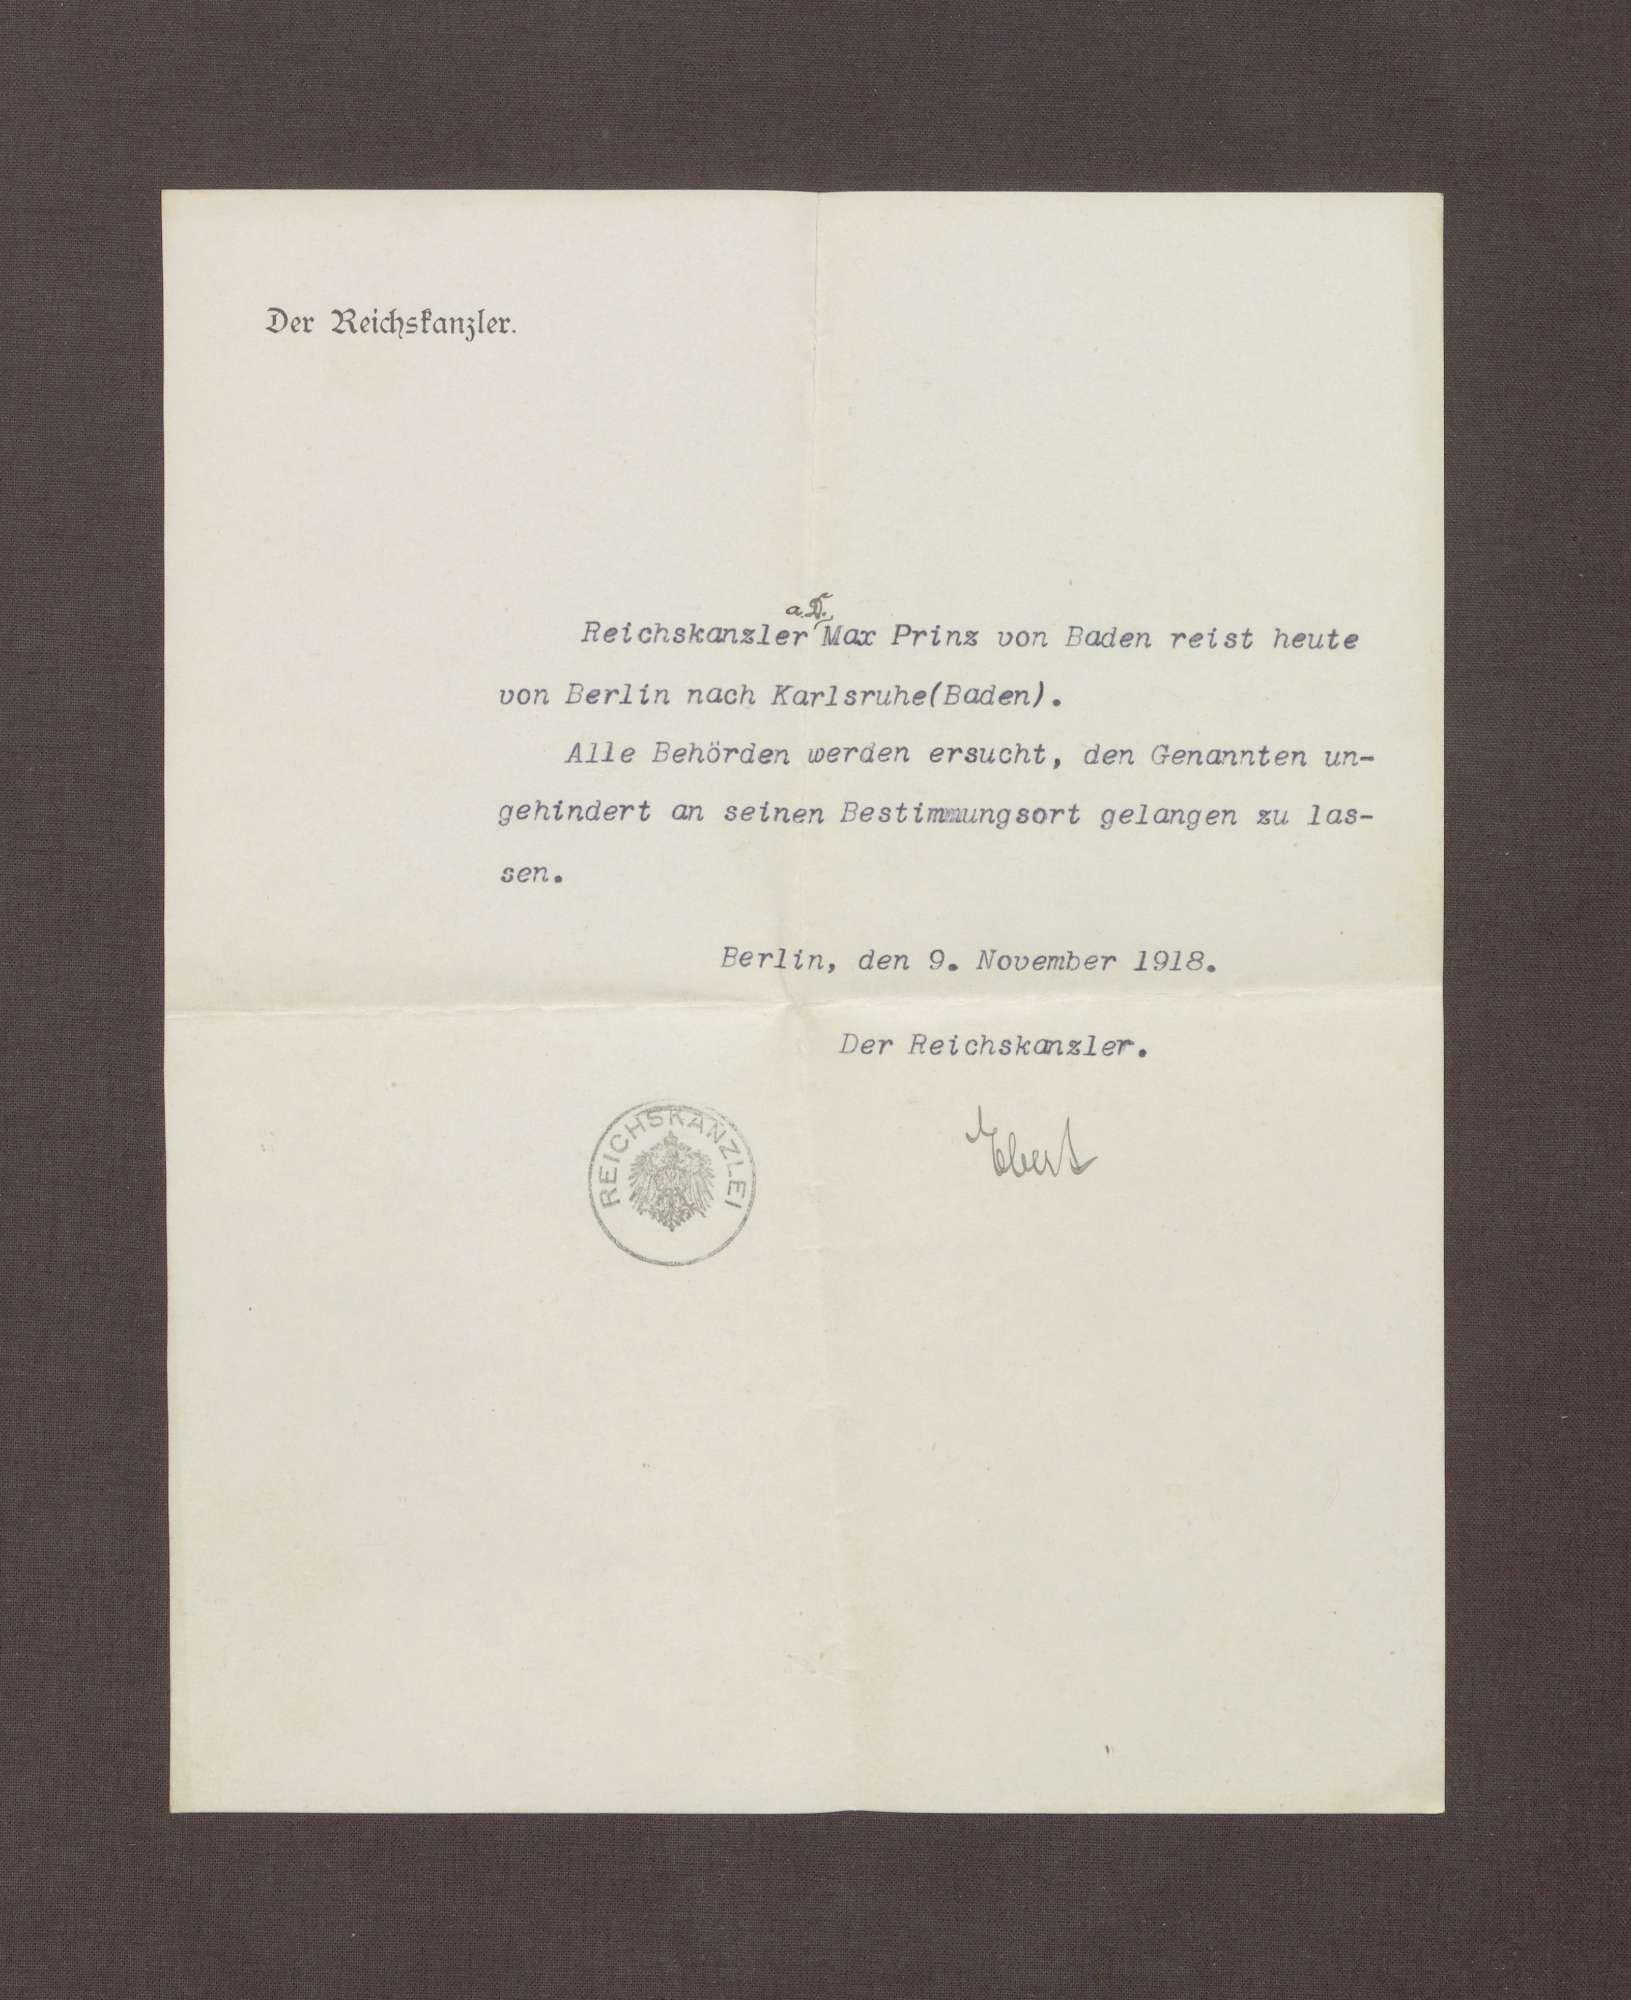 Schreiben von Friedrich Ebert; Passierschein für Prinz Max von Baden, Bild 1